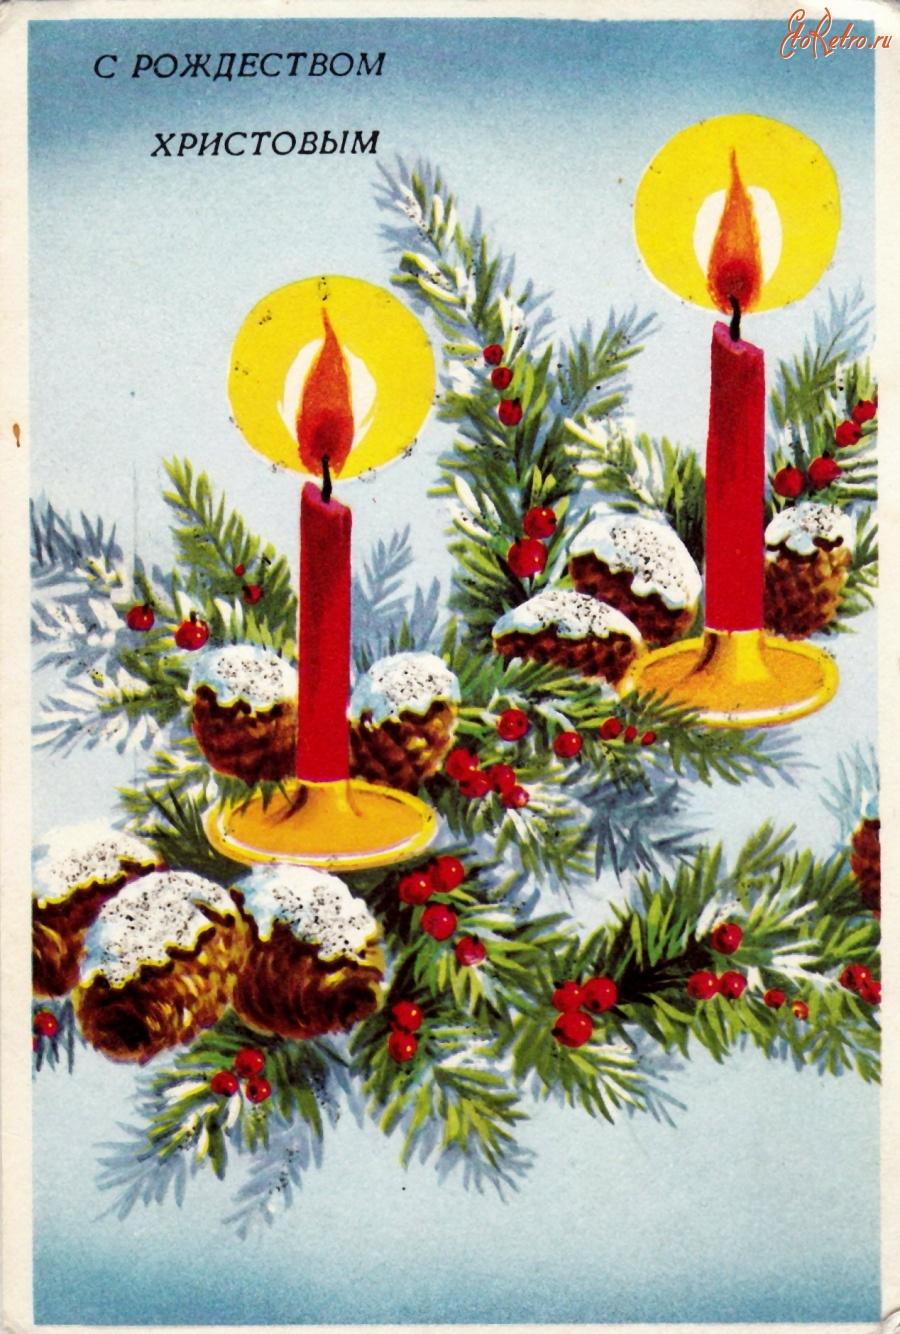 Картинки маме, с рождеством христовым открытки с поздравлениями ретро